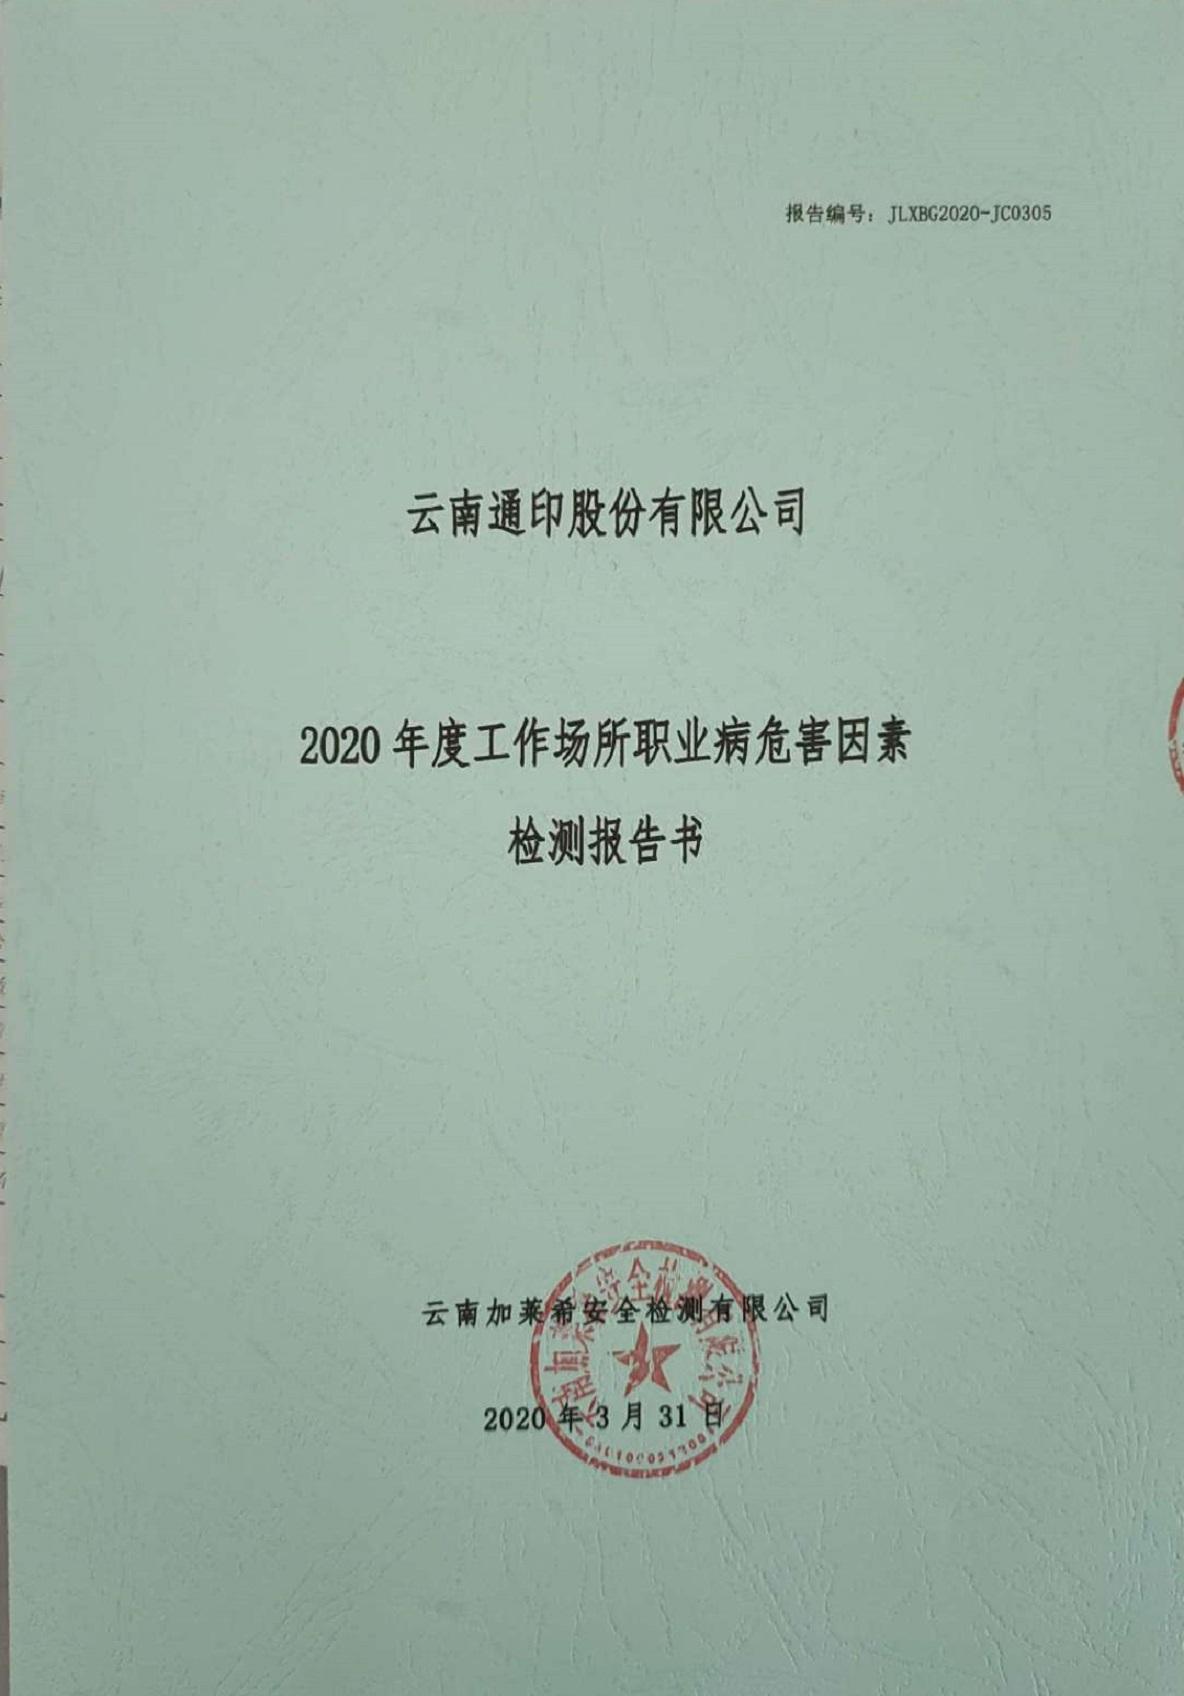 (2020年)工作场所职业病危害因素检测报告书